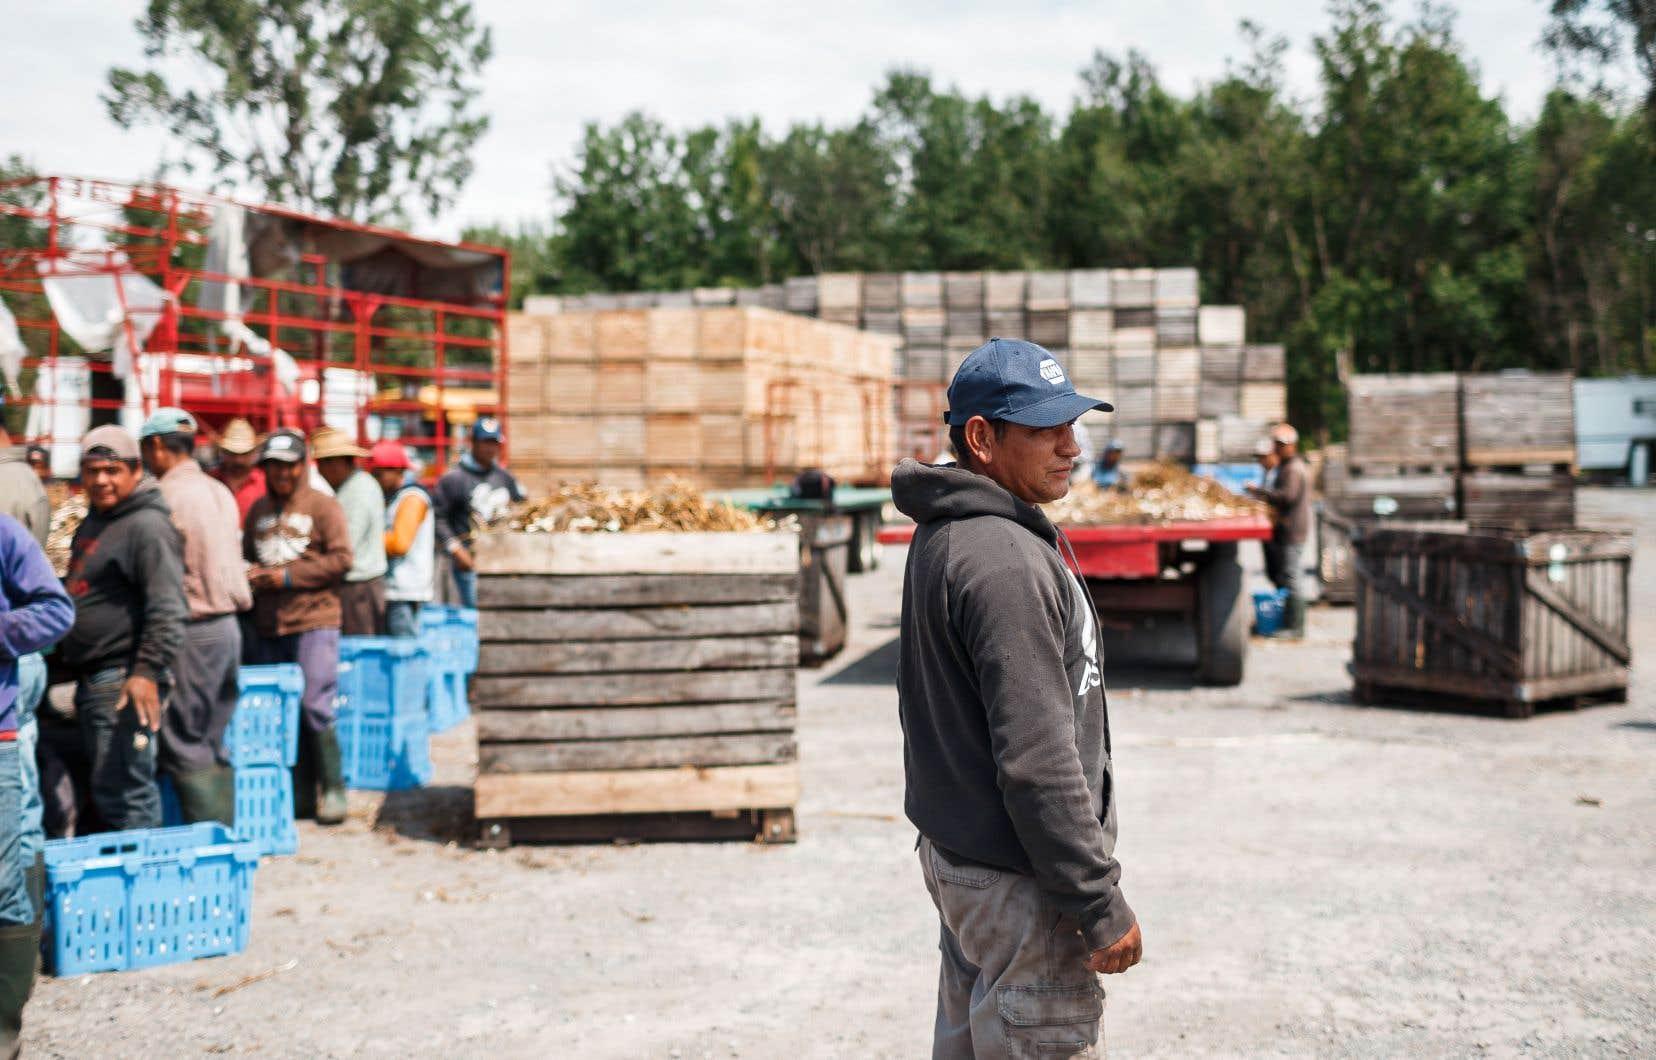 Le Québec pourrait perdre près de 40% de ses immigrants économiques selon les plans du PQ et de la CAQ.